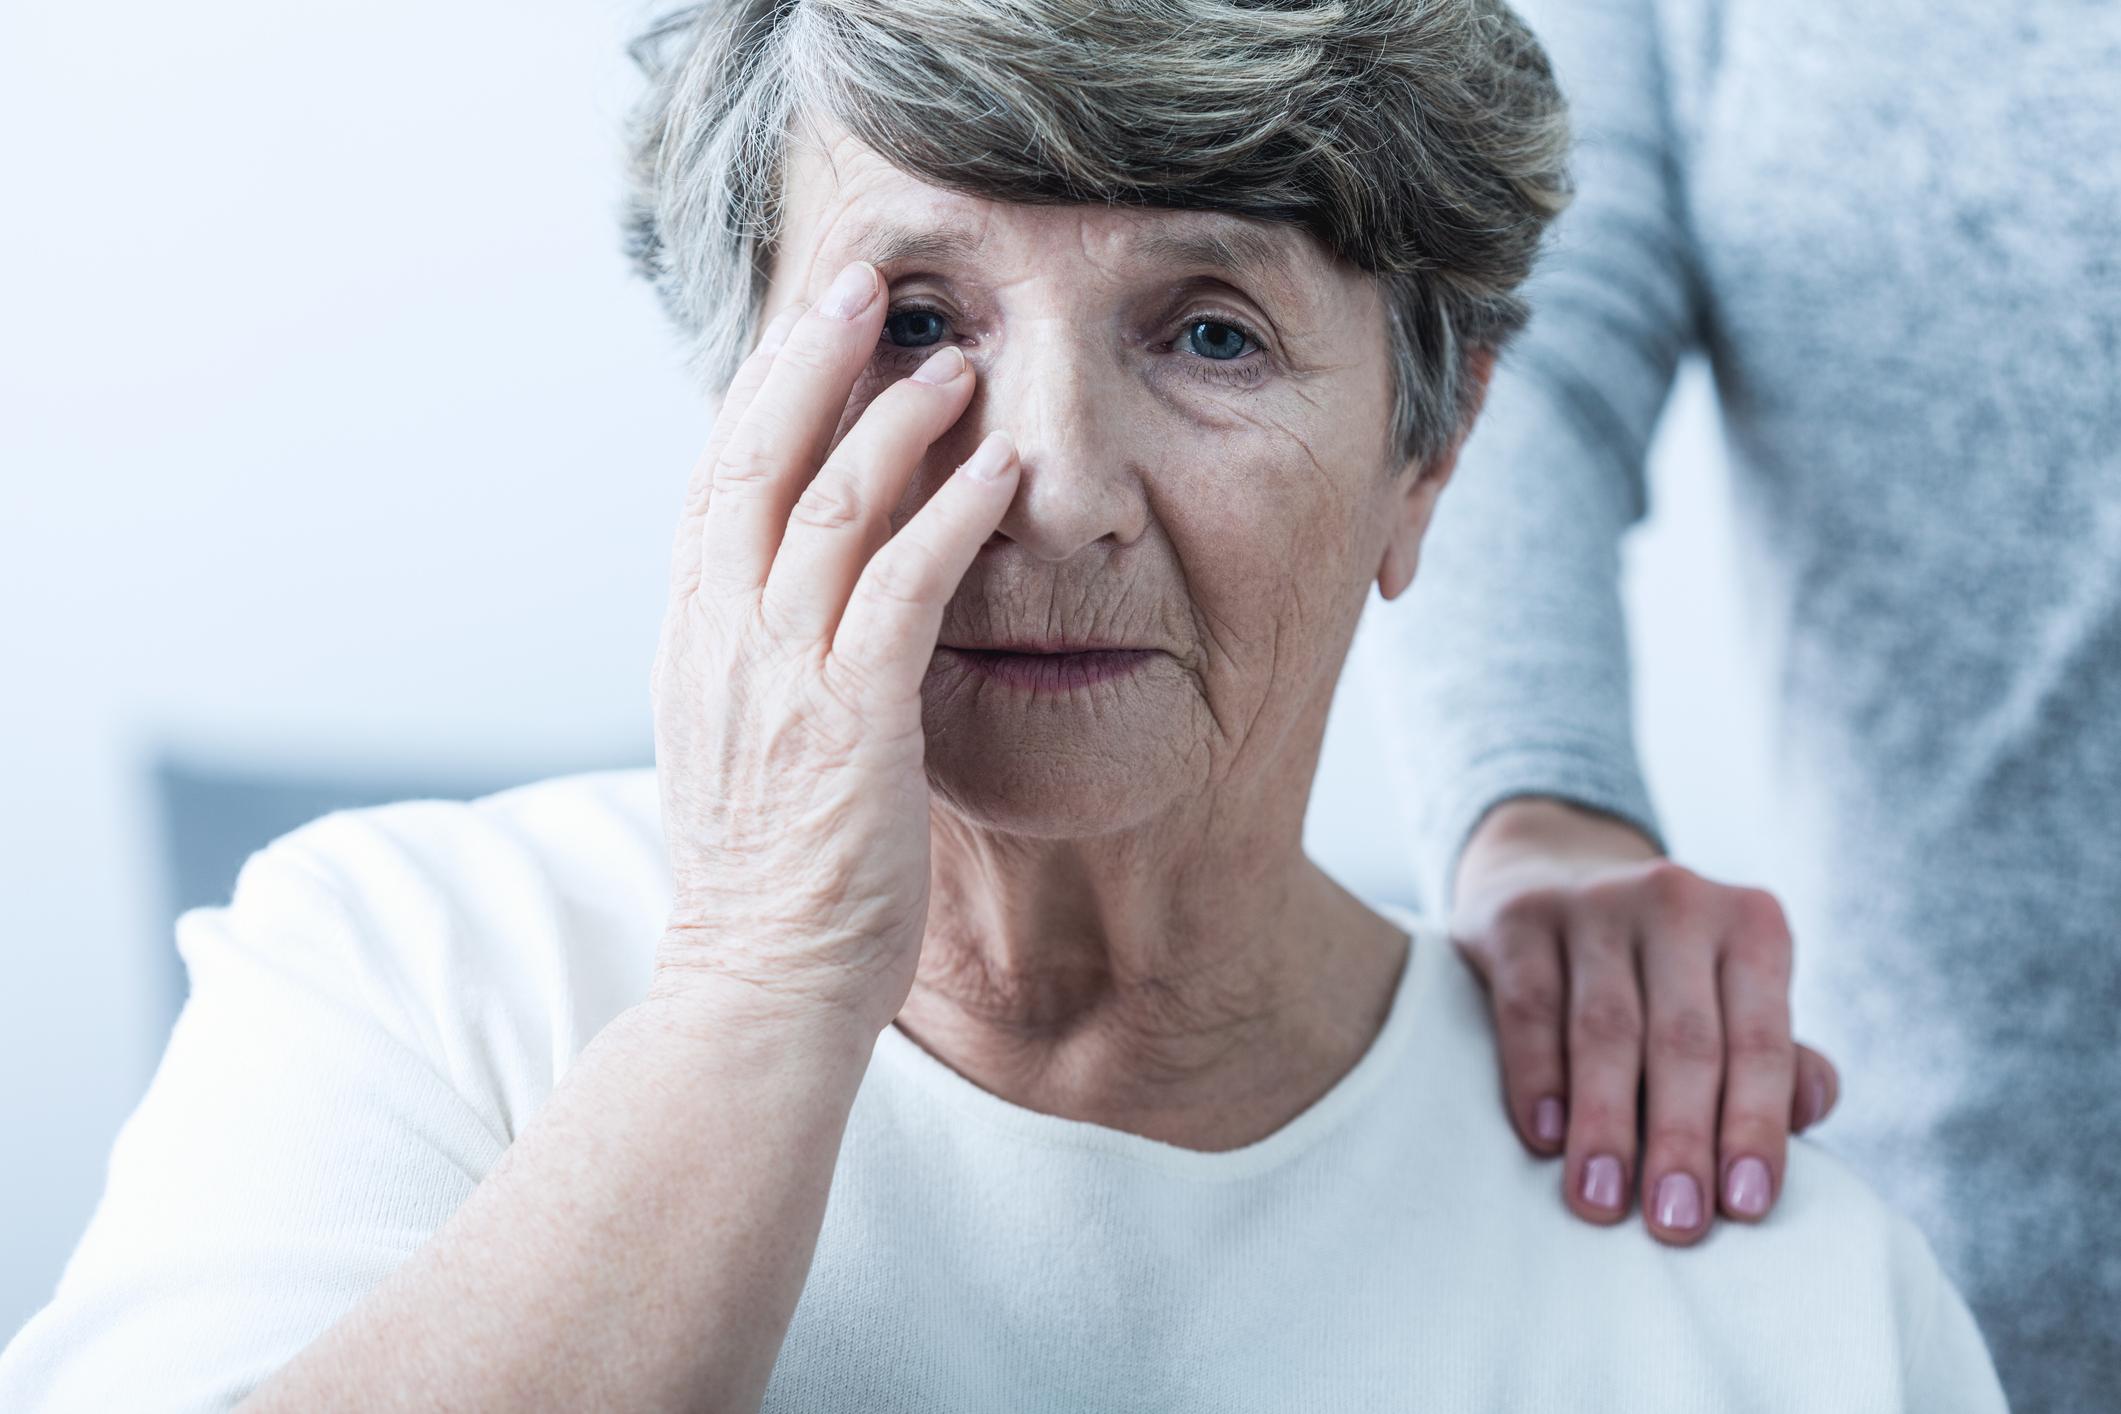 Las personas que padecen demencia pueden llegar a perder la noción del tiempo, y olvidarse por completo de actividades cotidianas como comer o incluso hacer del baño.